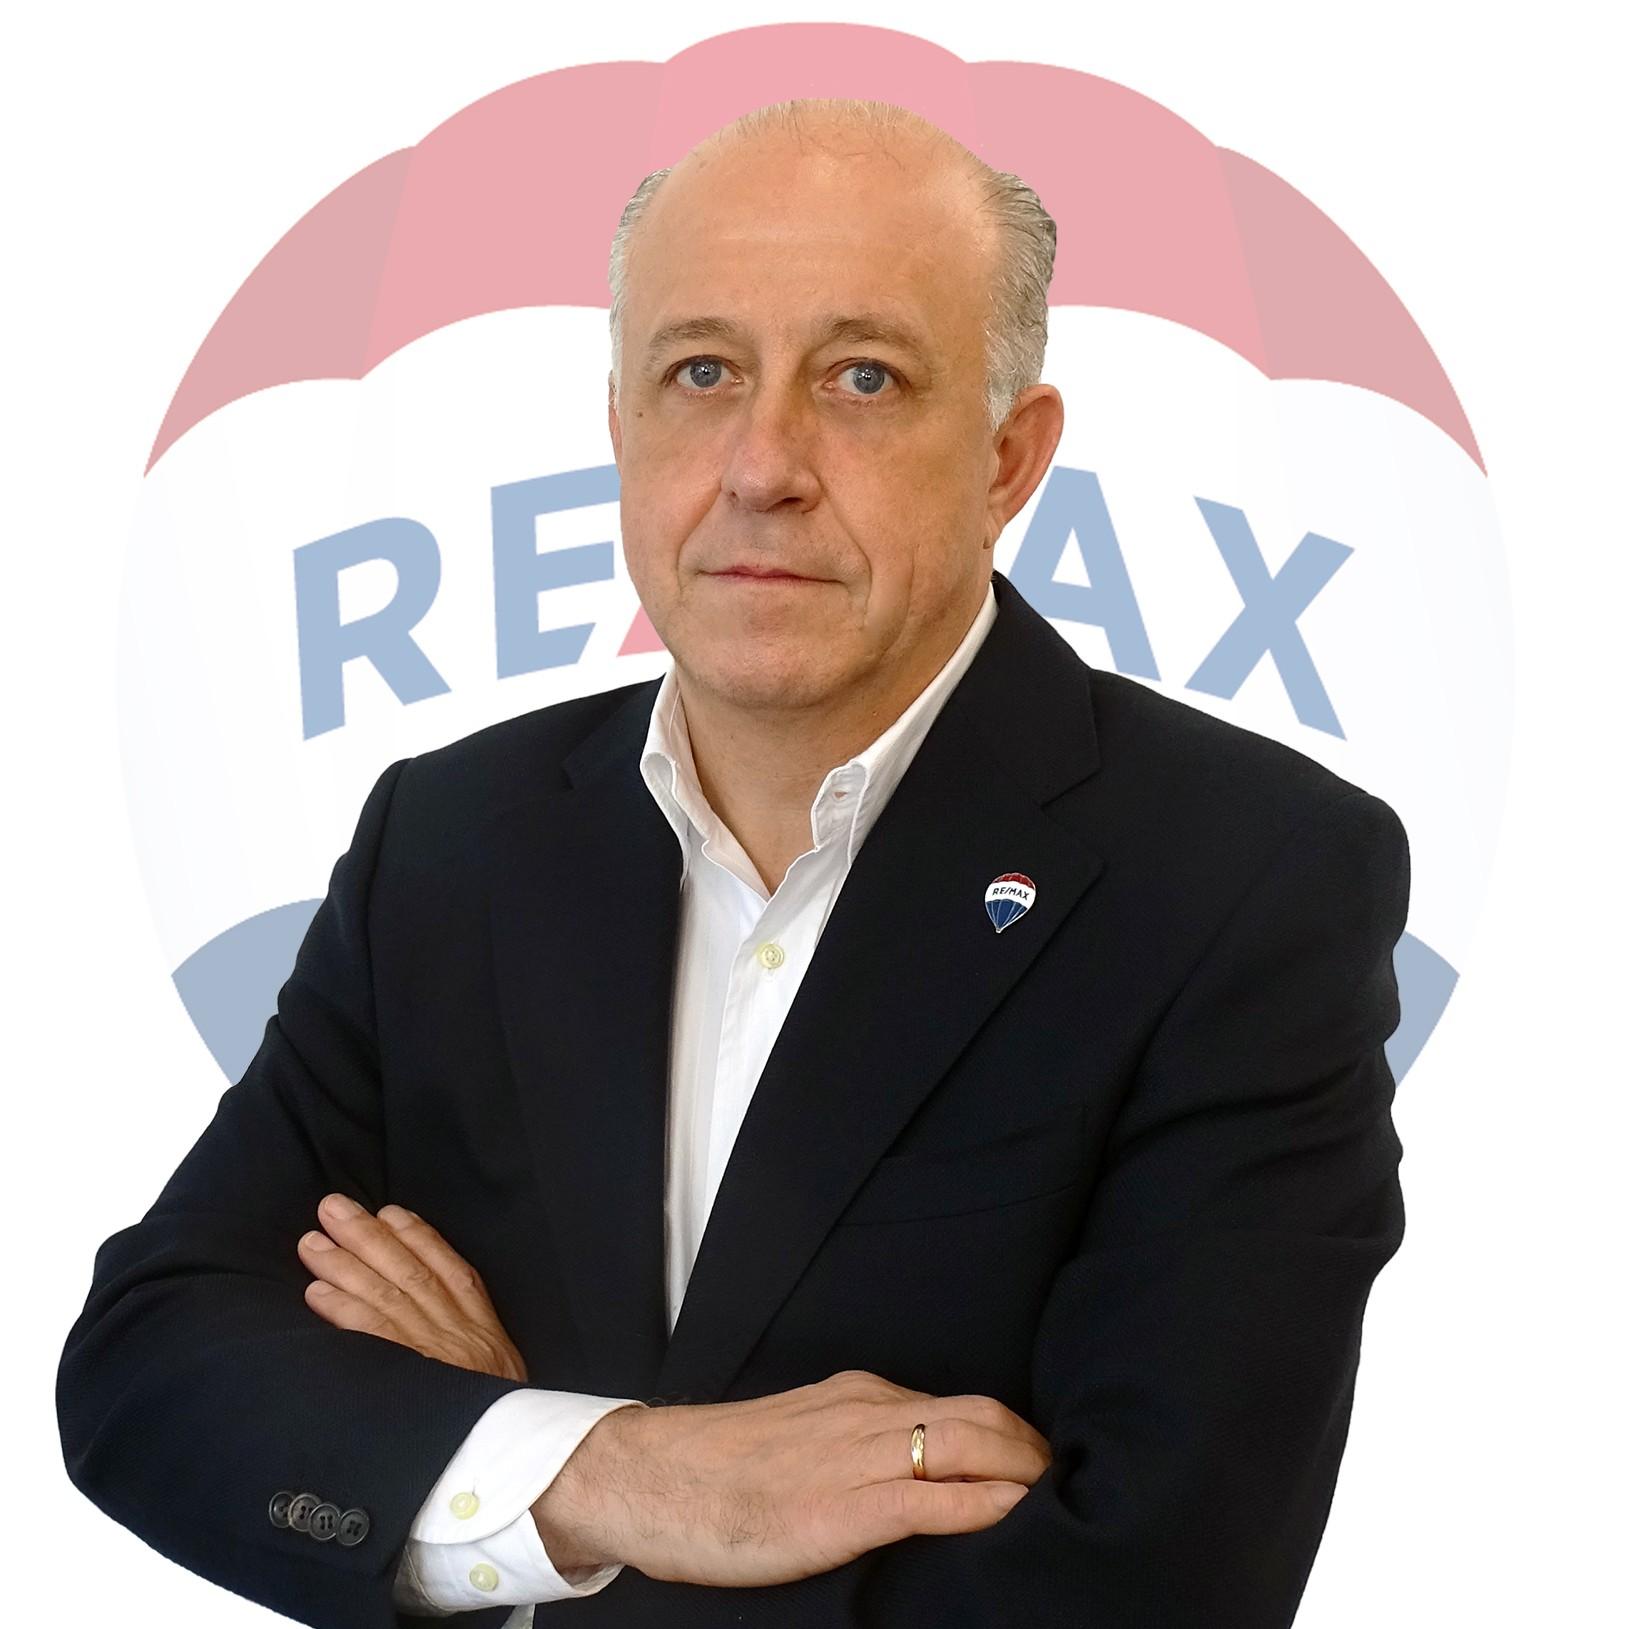 Antonio Barrios Morales